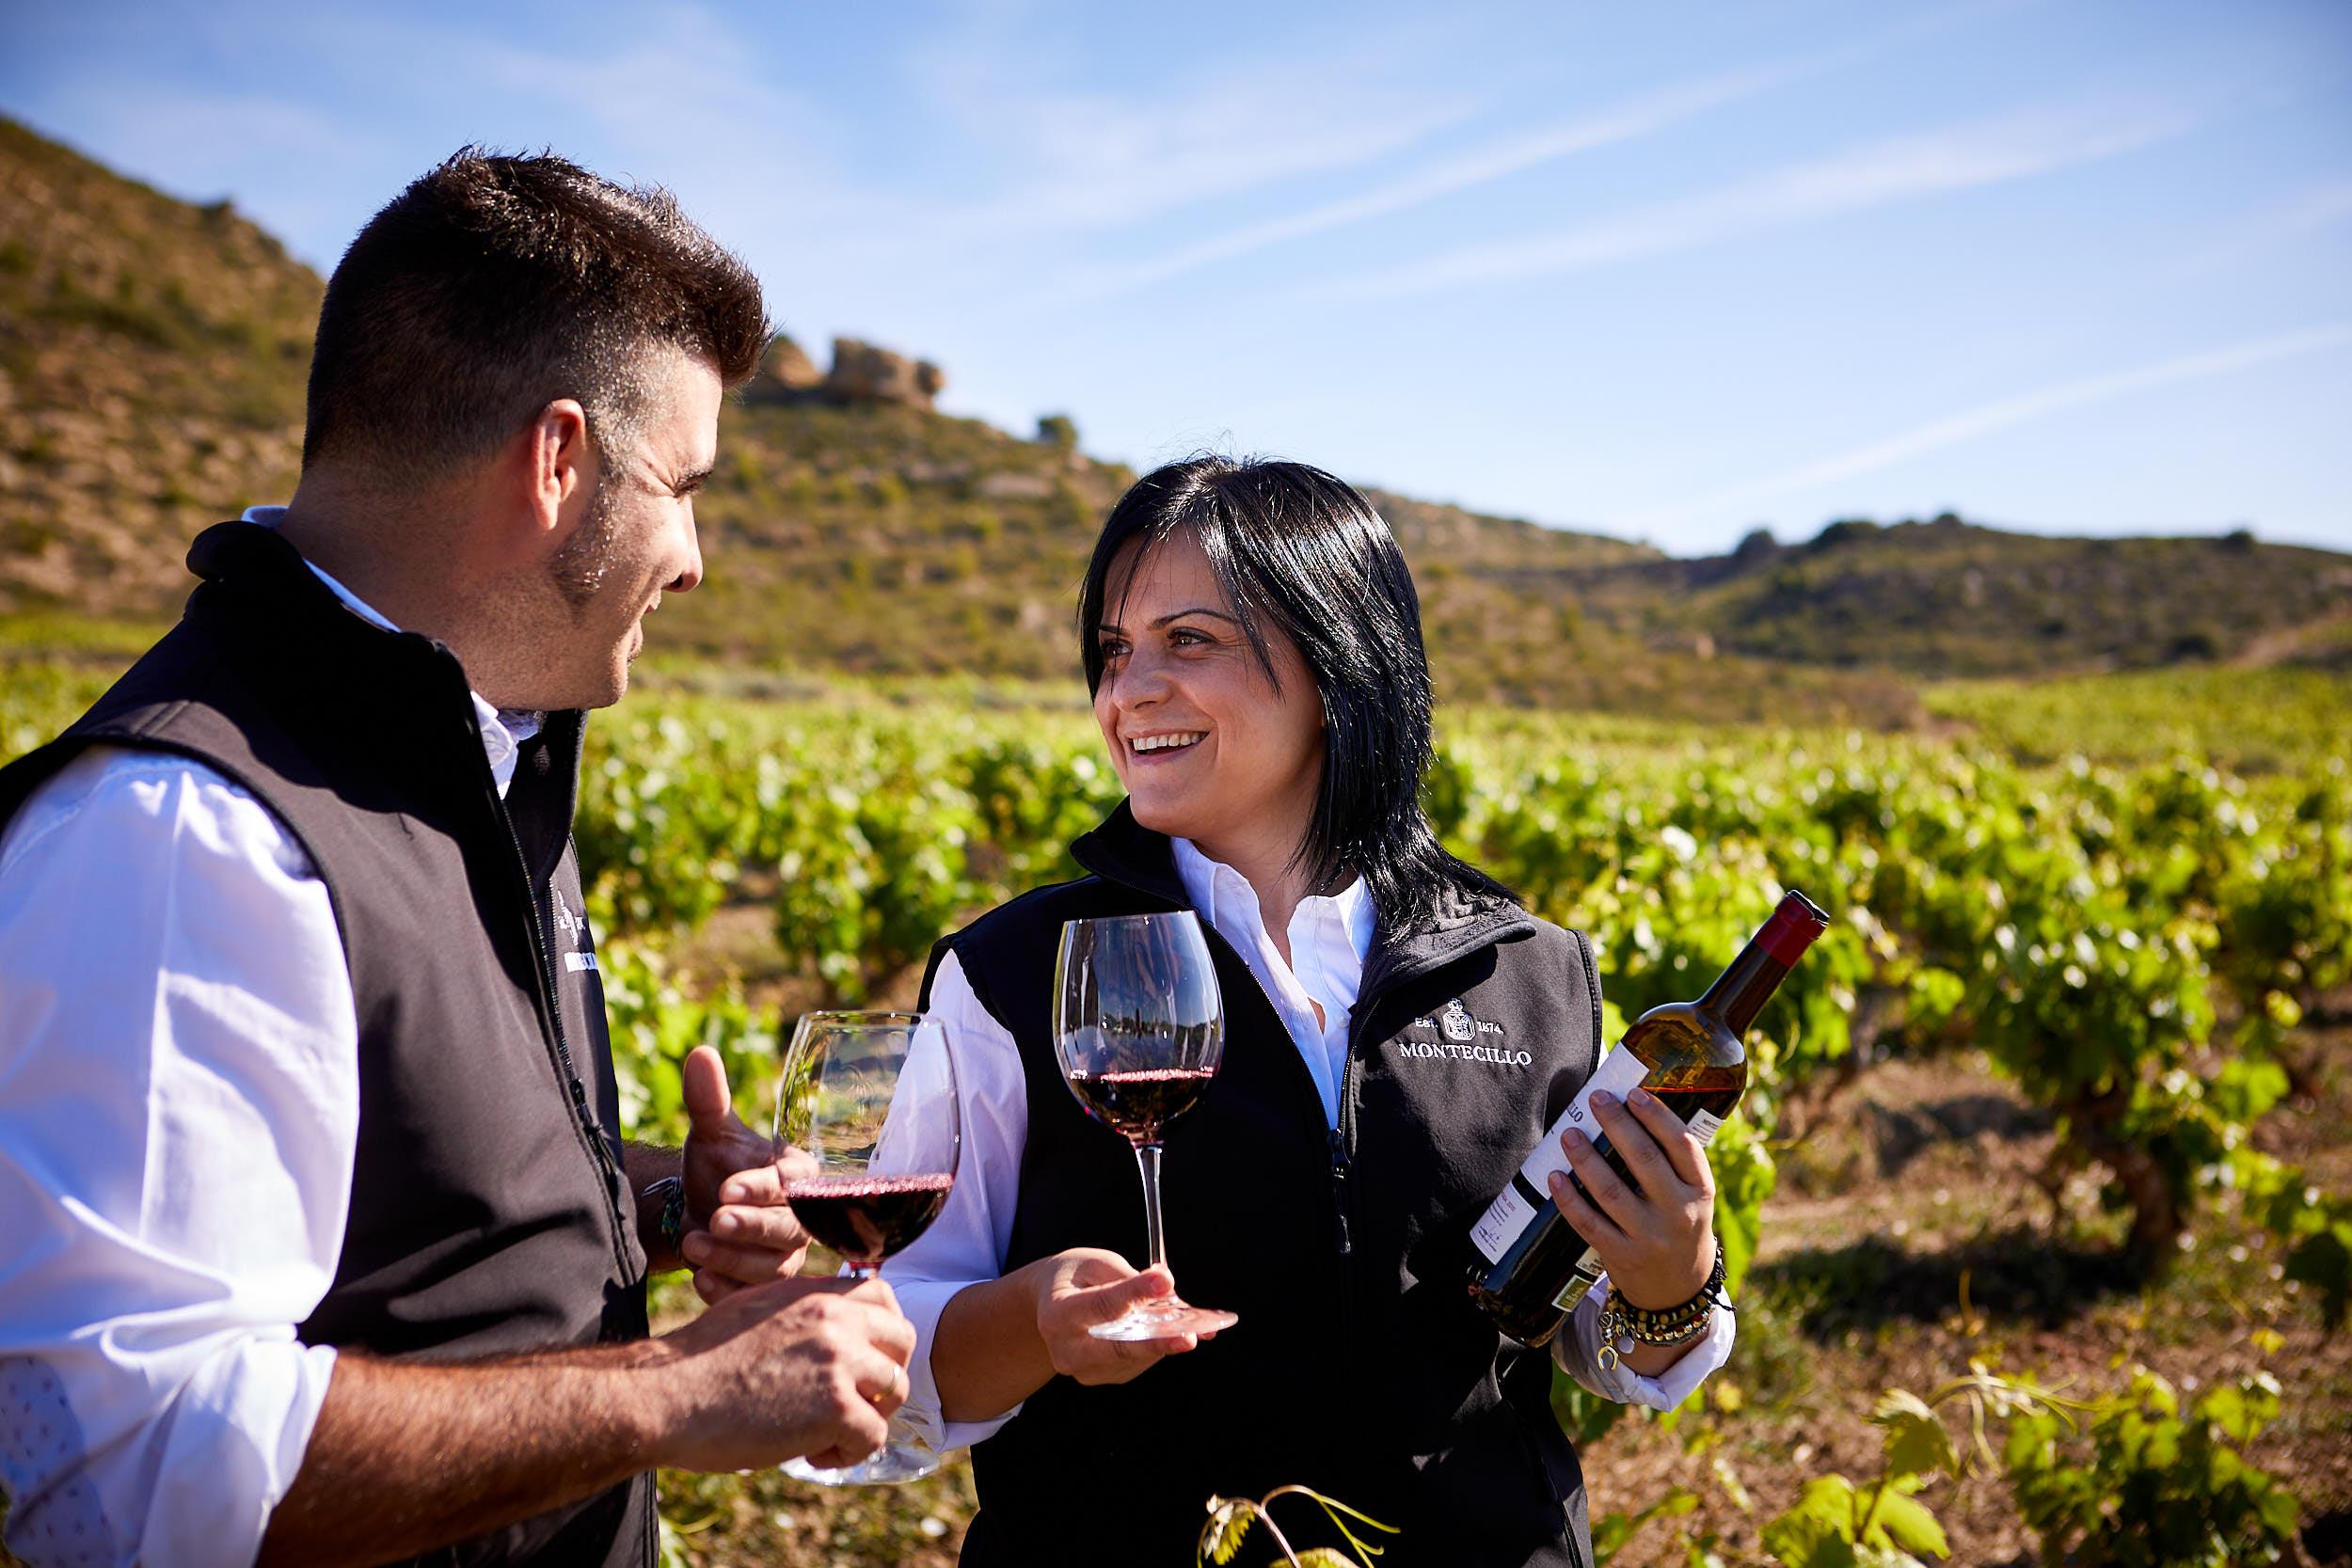 1706Foto_Corporativa_Montecillo_Bodega_La_Rioja_Spain_Sturcke_0011.jpg